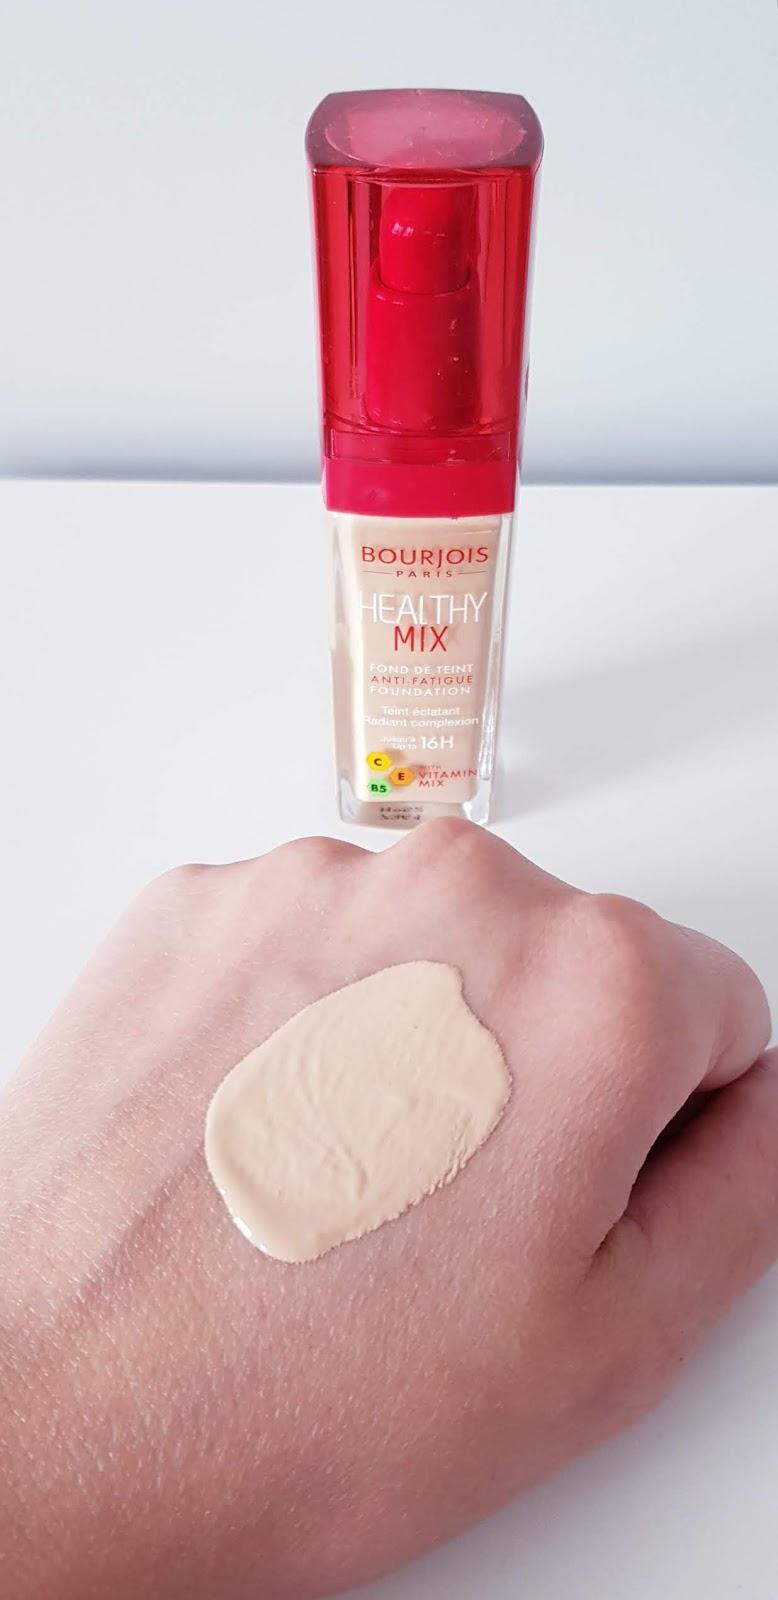 Bourjois healthy mix podkład z witaminami przykrywający oznaki zmęczenia